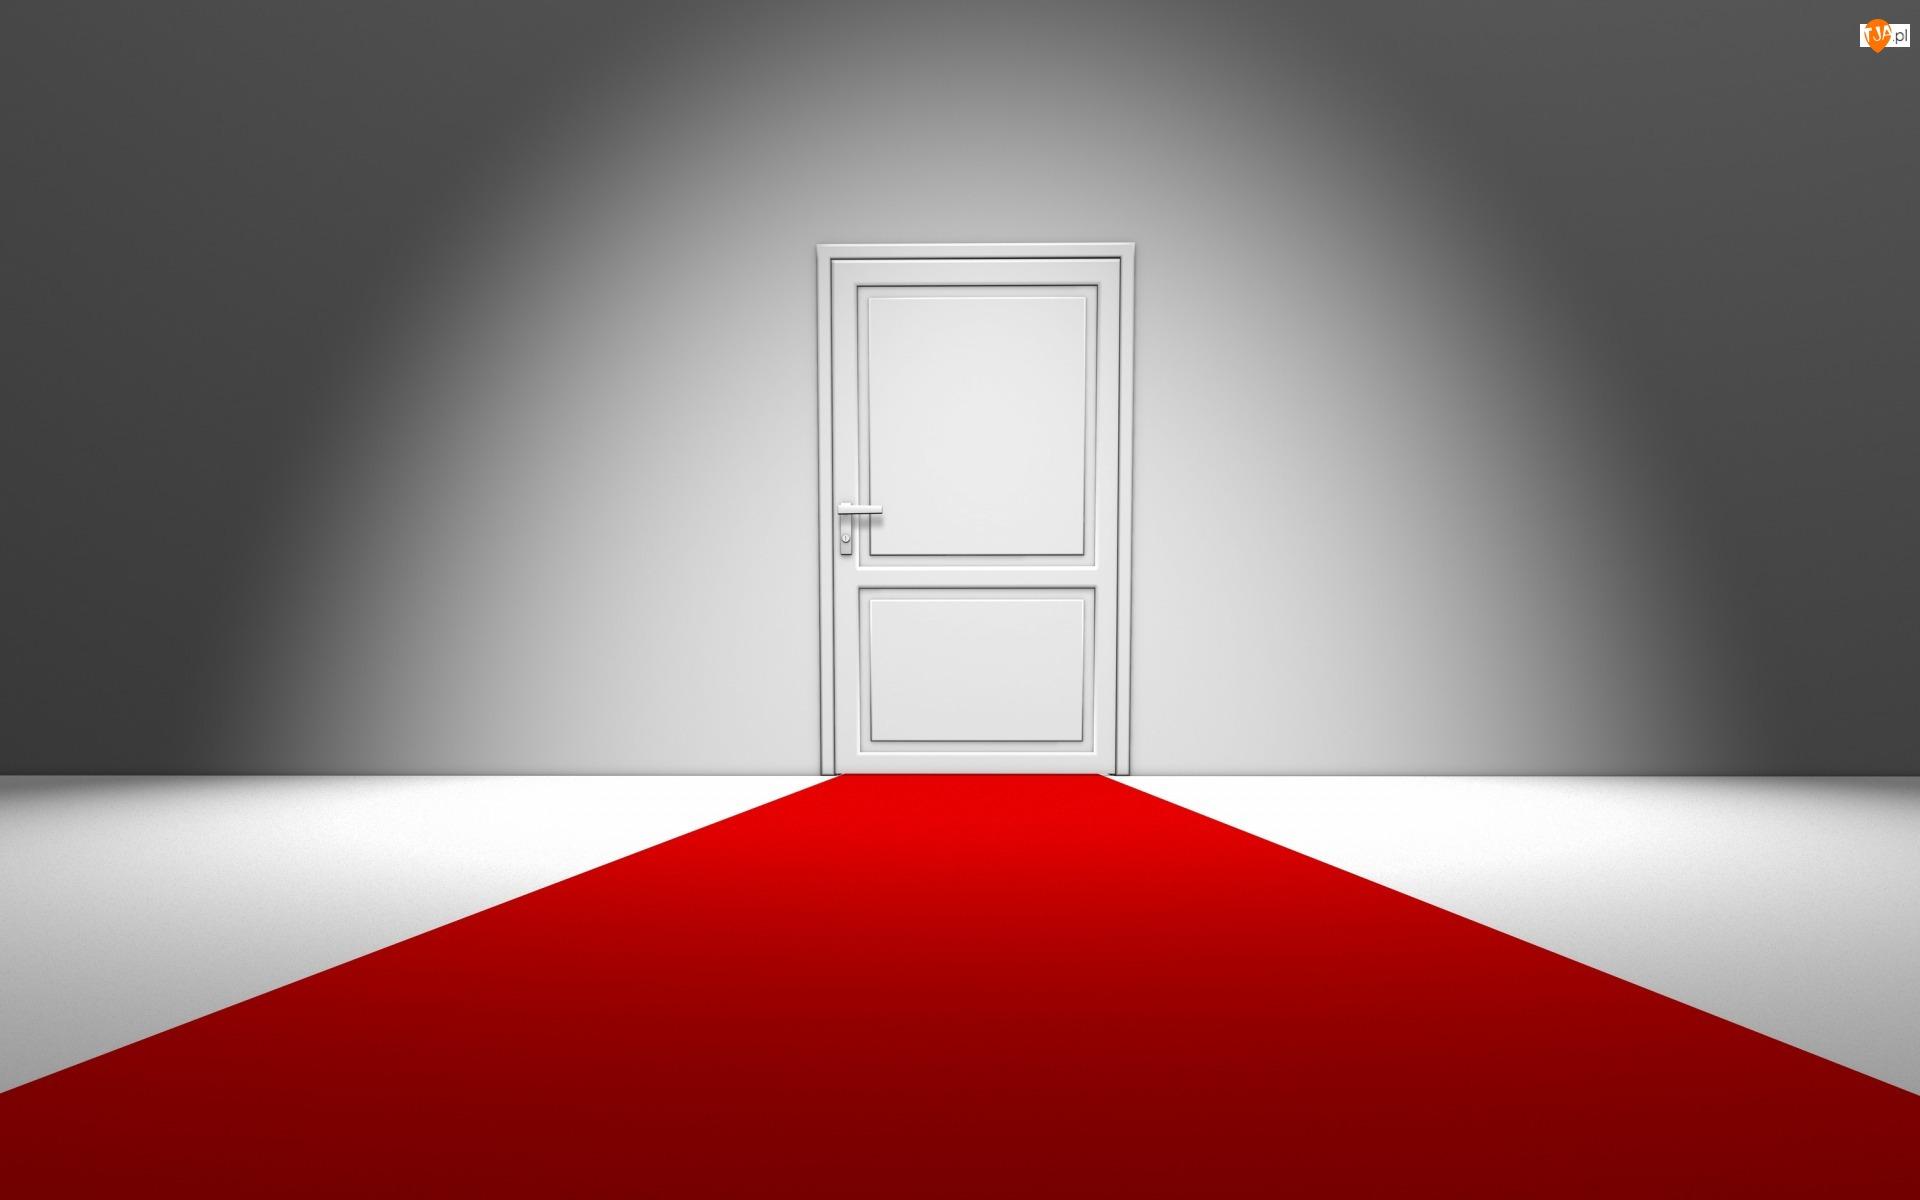 Wnętrze, Czerwony, Drzwi, Dywan